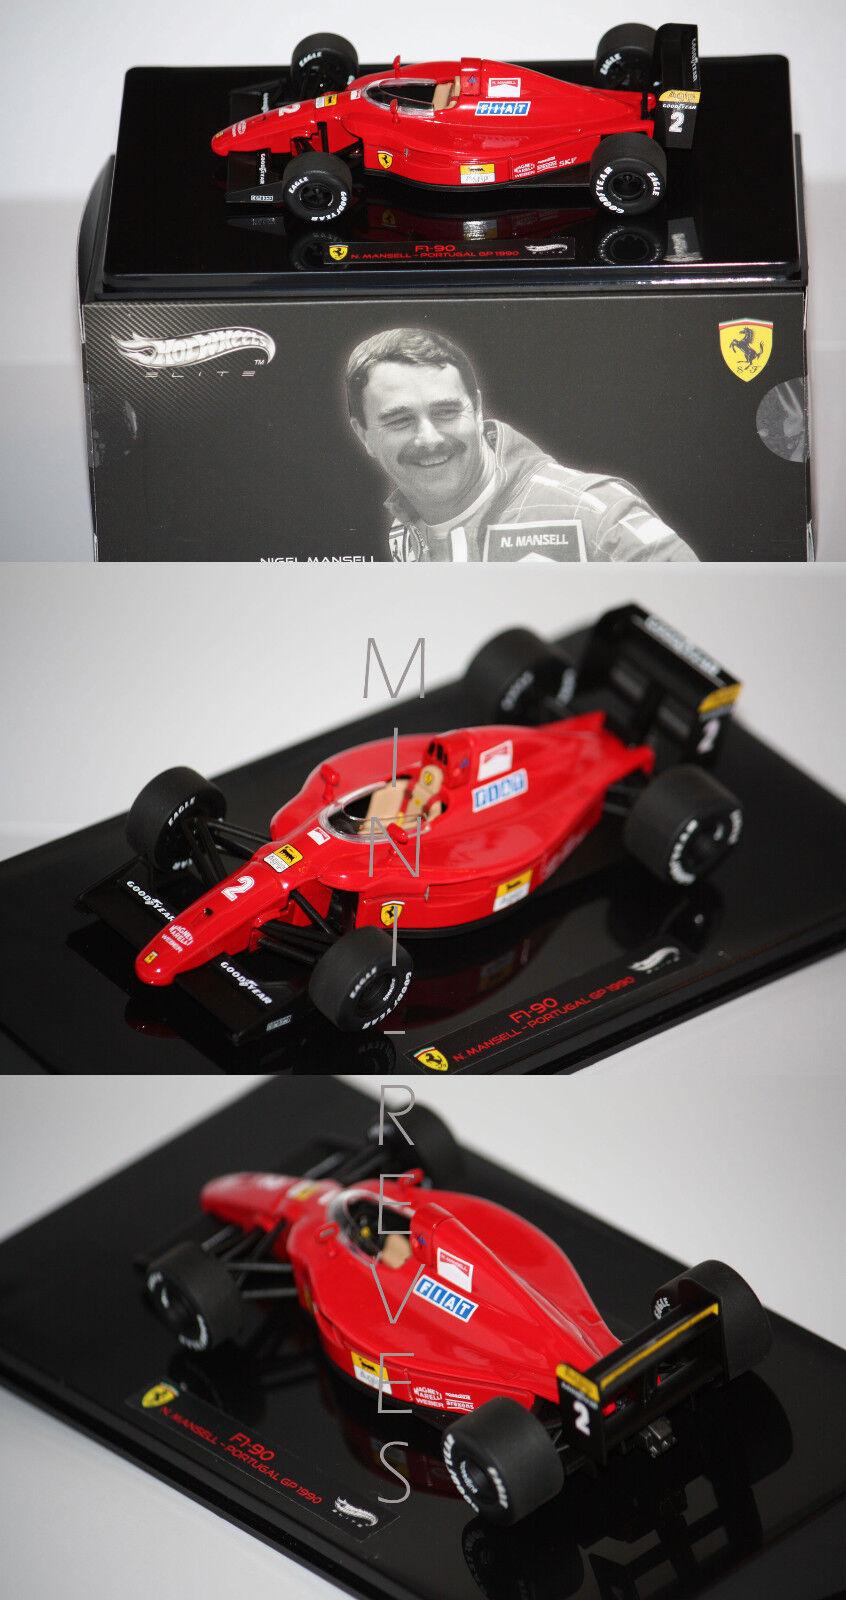 Hotwtalons  Elite F1 Ferrari F1-90 N. Mansell 1990 1 43 X5519  centre commercial professionnel intégré en ligne